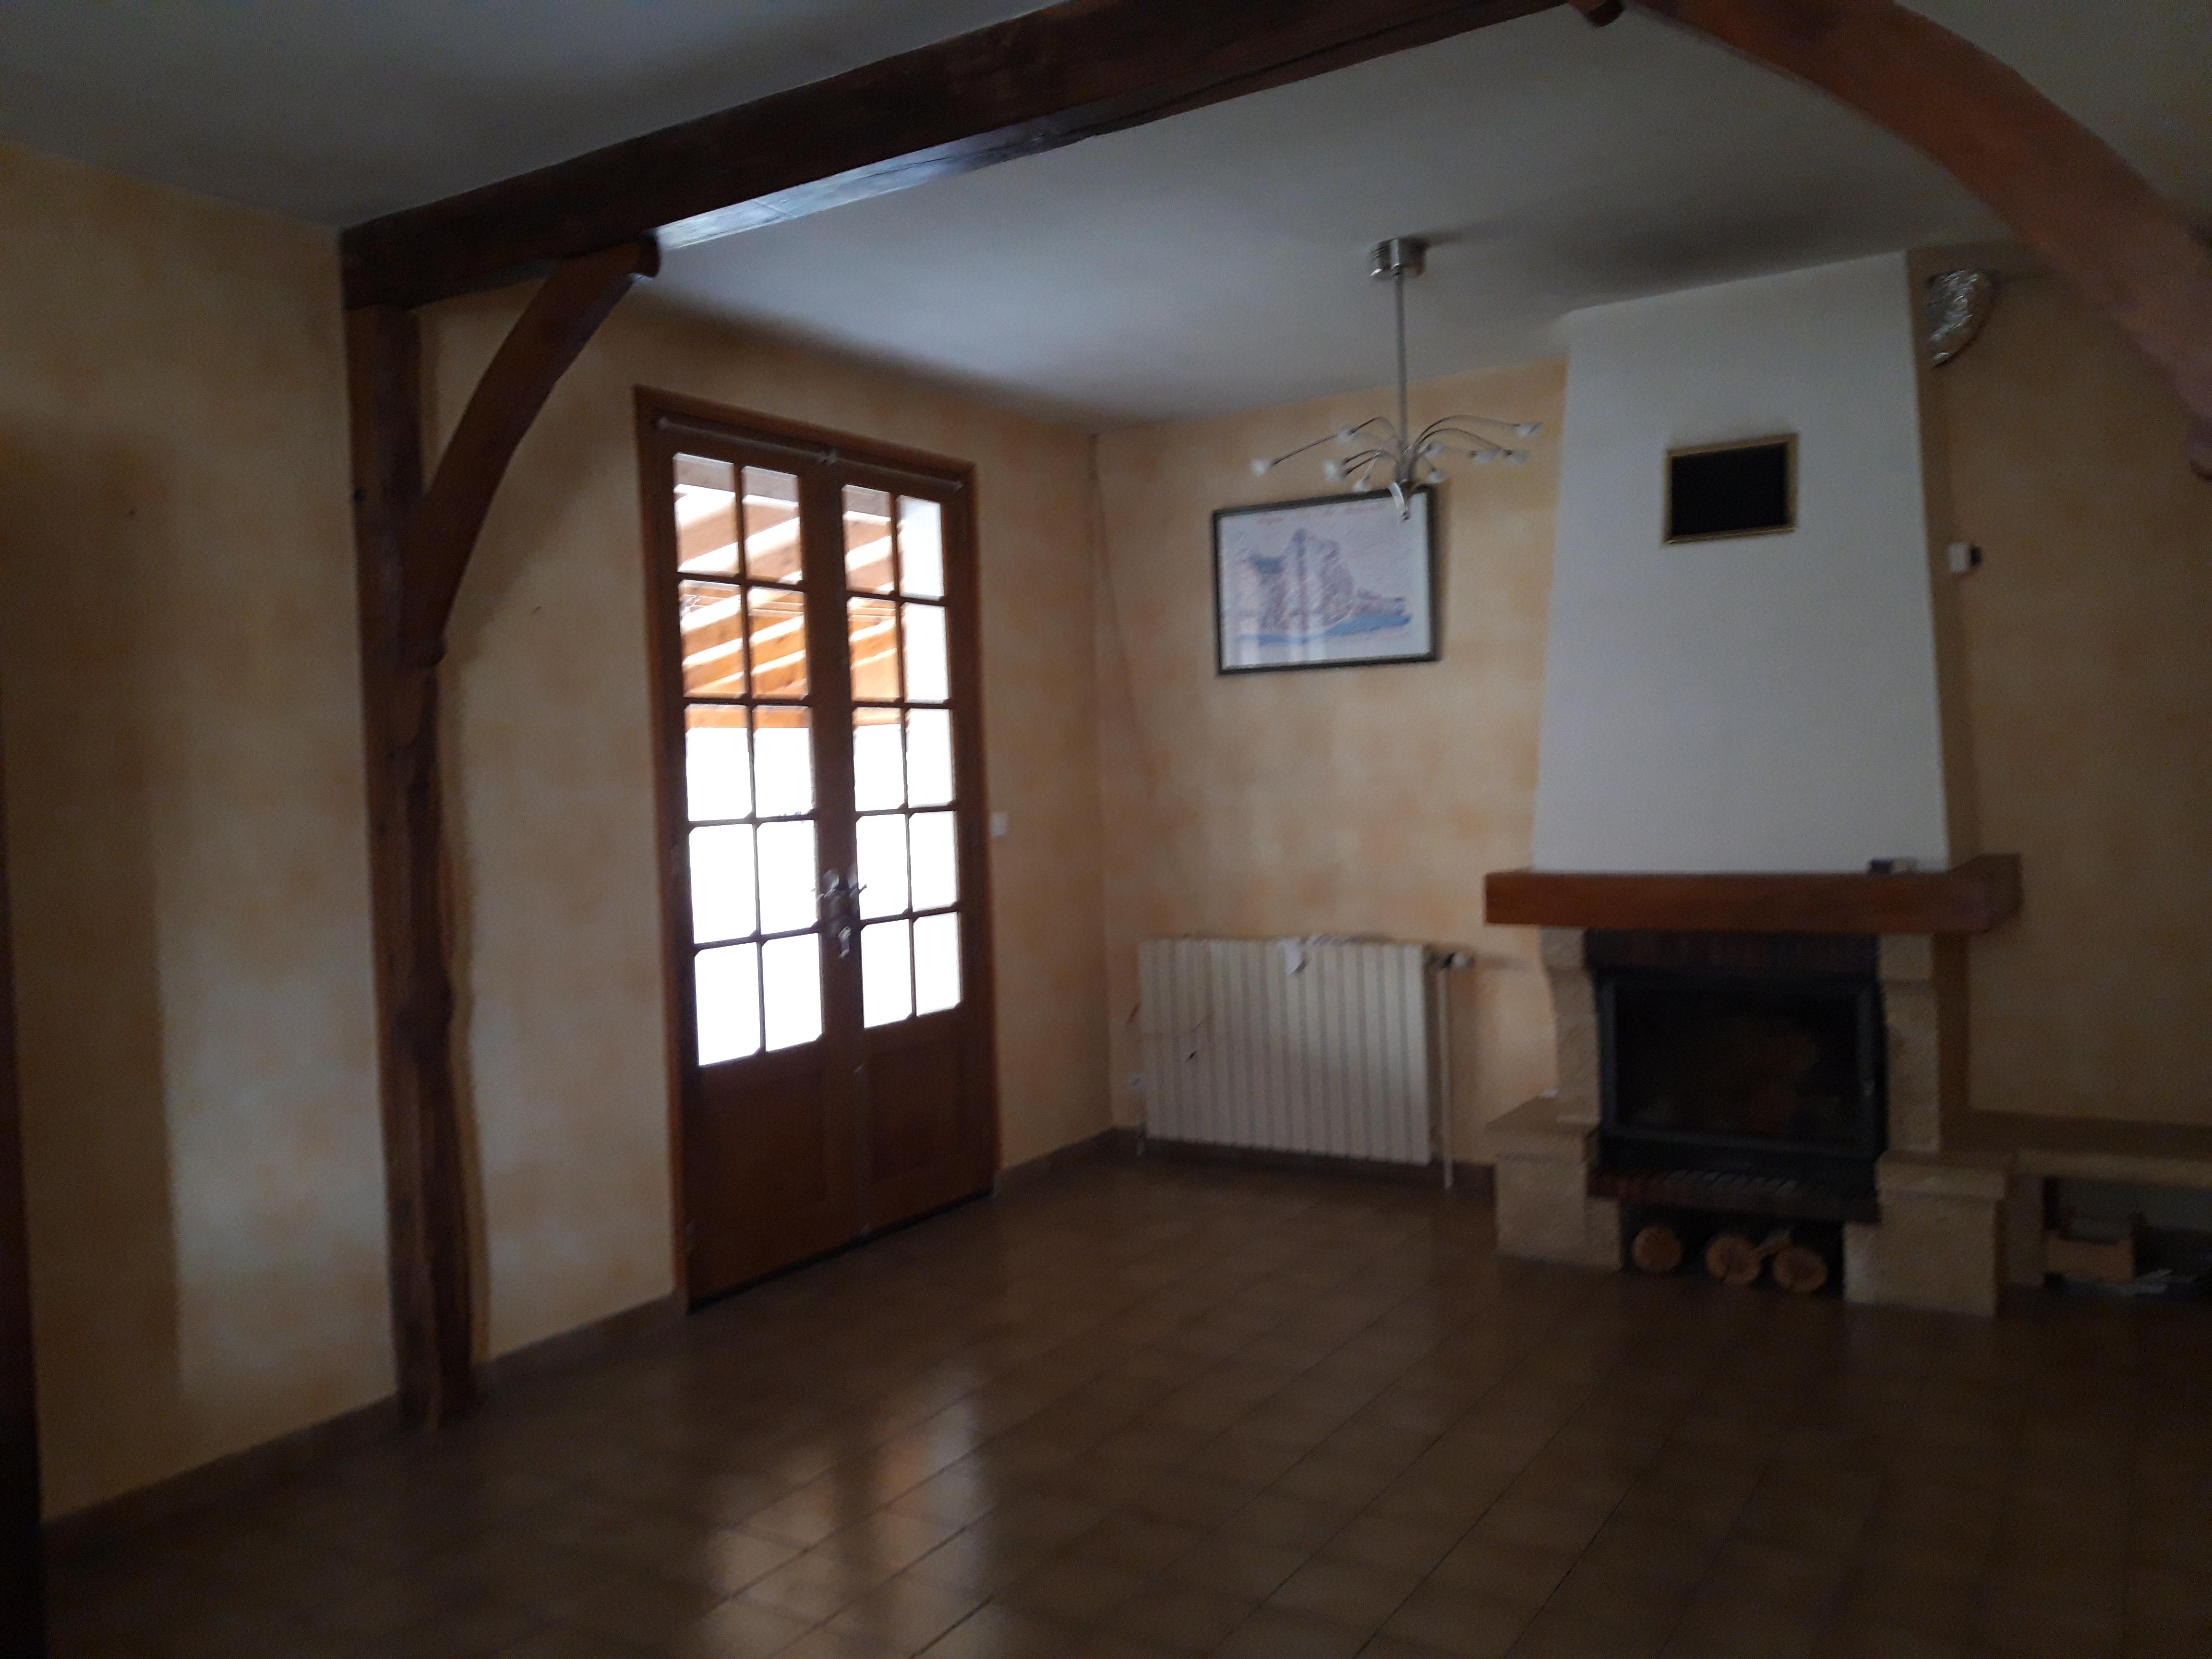 Maison T5 à louer dans quartier pavillonnaire à FIGEAC